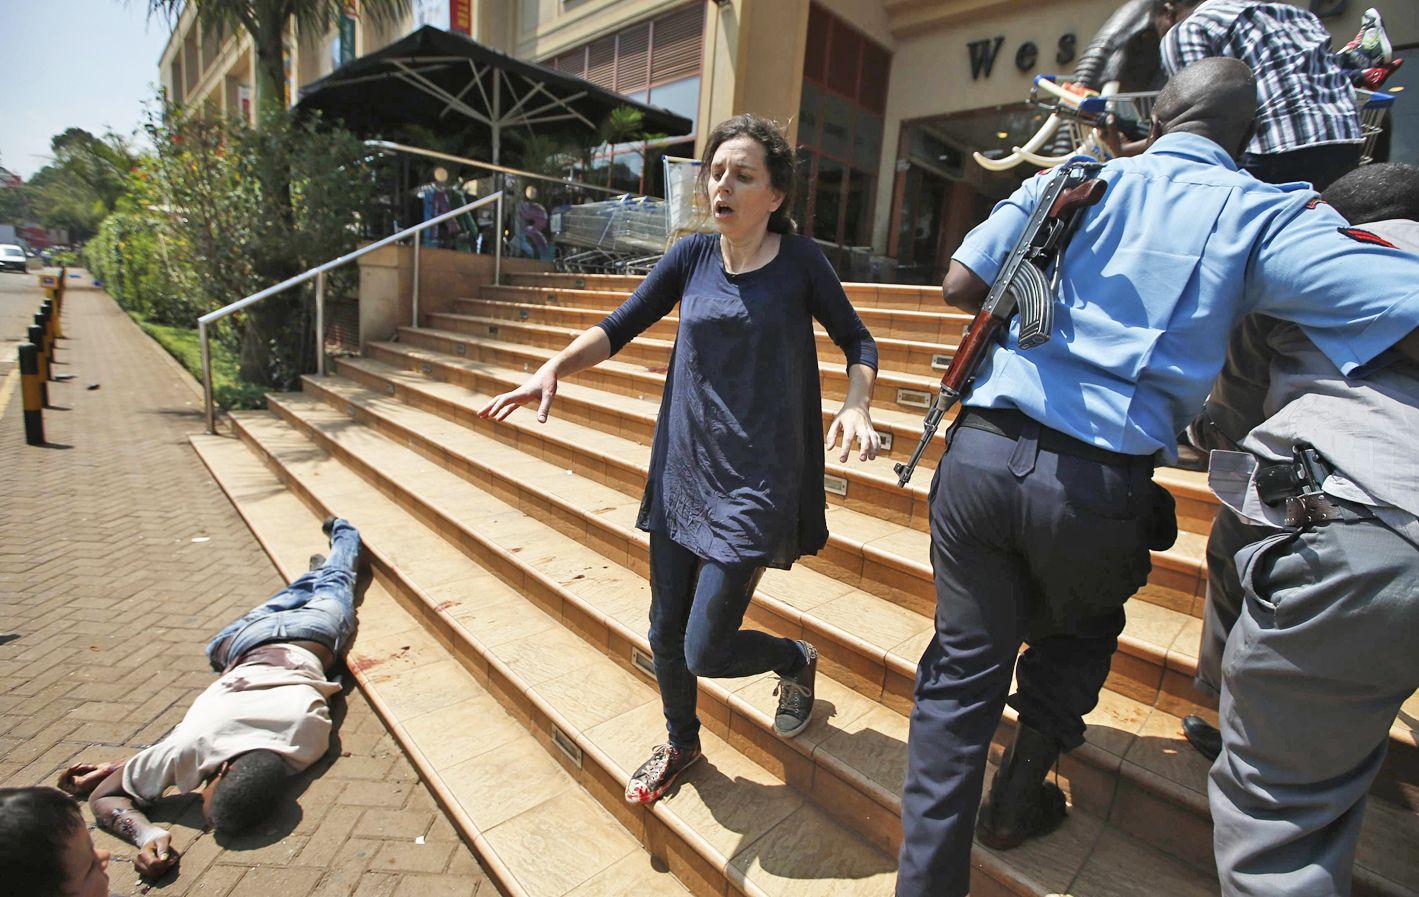 Una de las víctimas fatales yace en el frente del mall mientras una mujer huye despavorida.